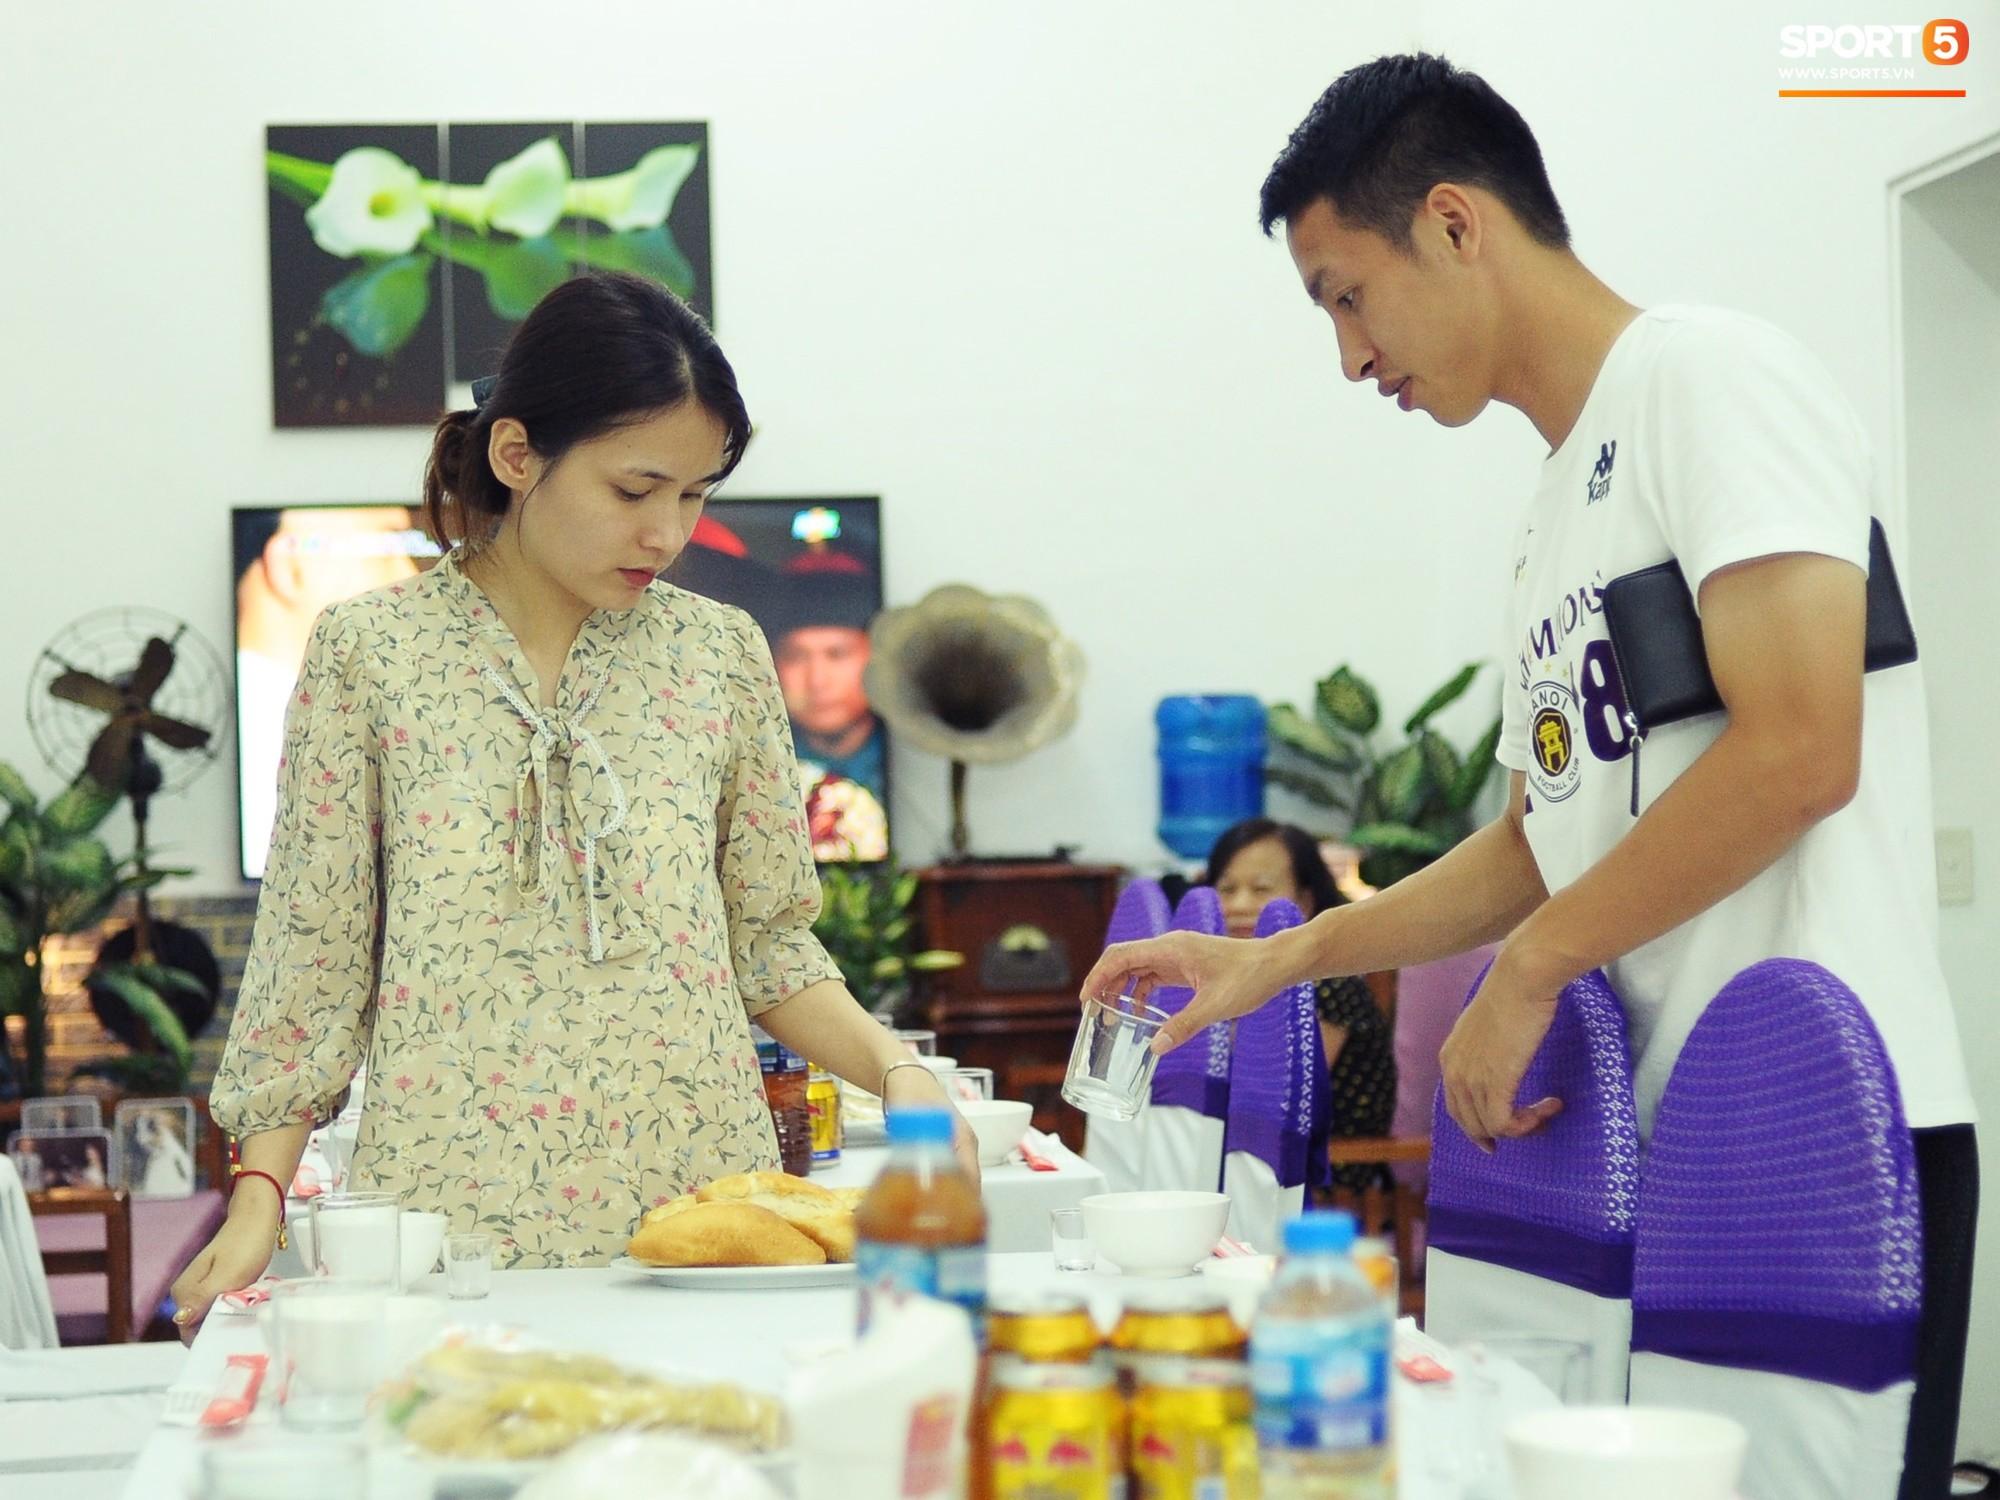 Tiền vệ tuyển Việt Nam tình tứ bên vợ tương lai chuẩn bị cho lễ cưới - Ảnh 1.